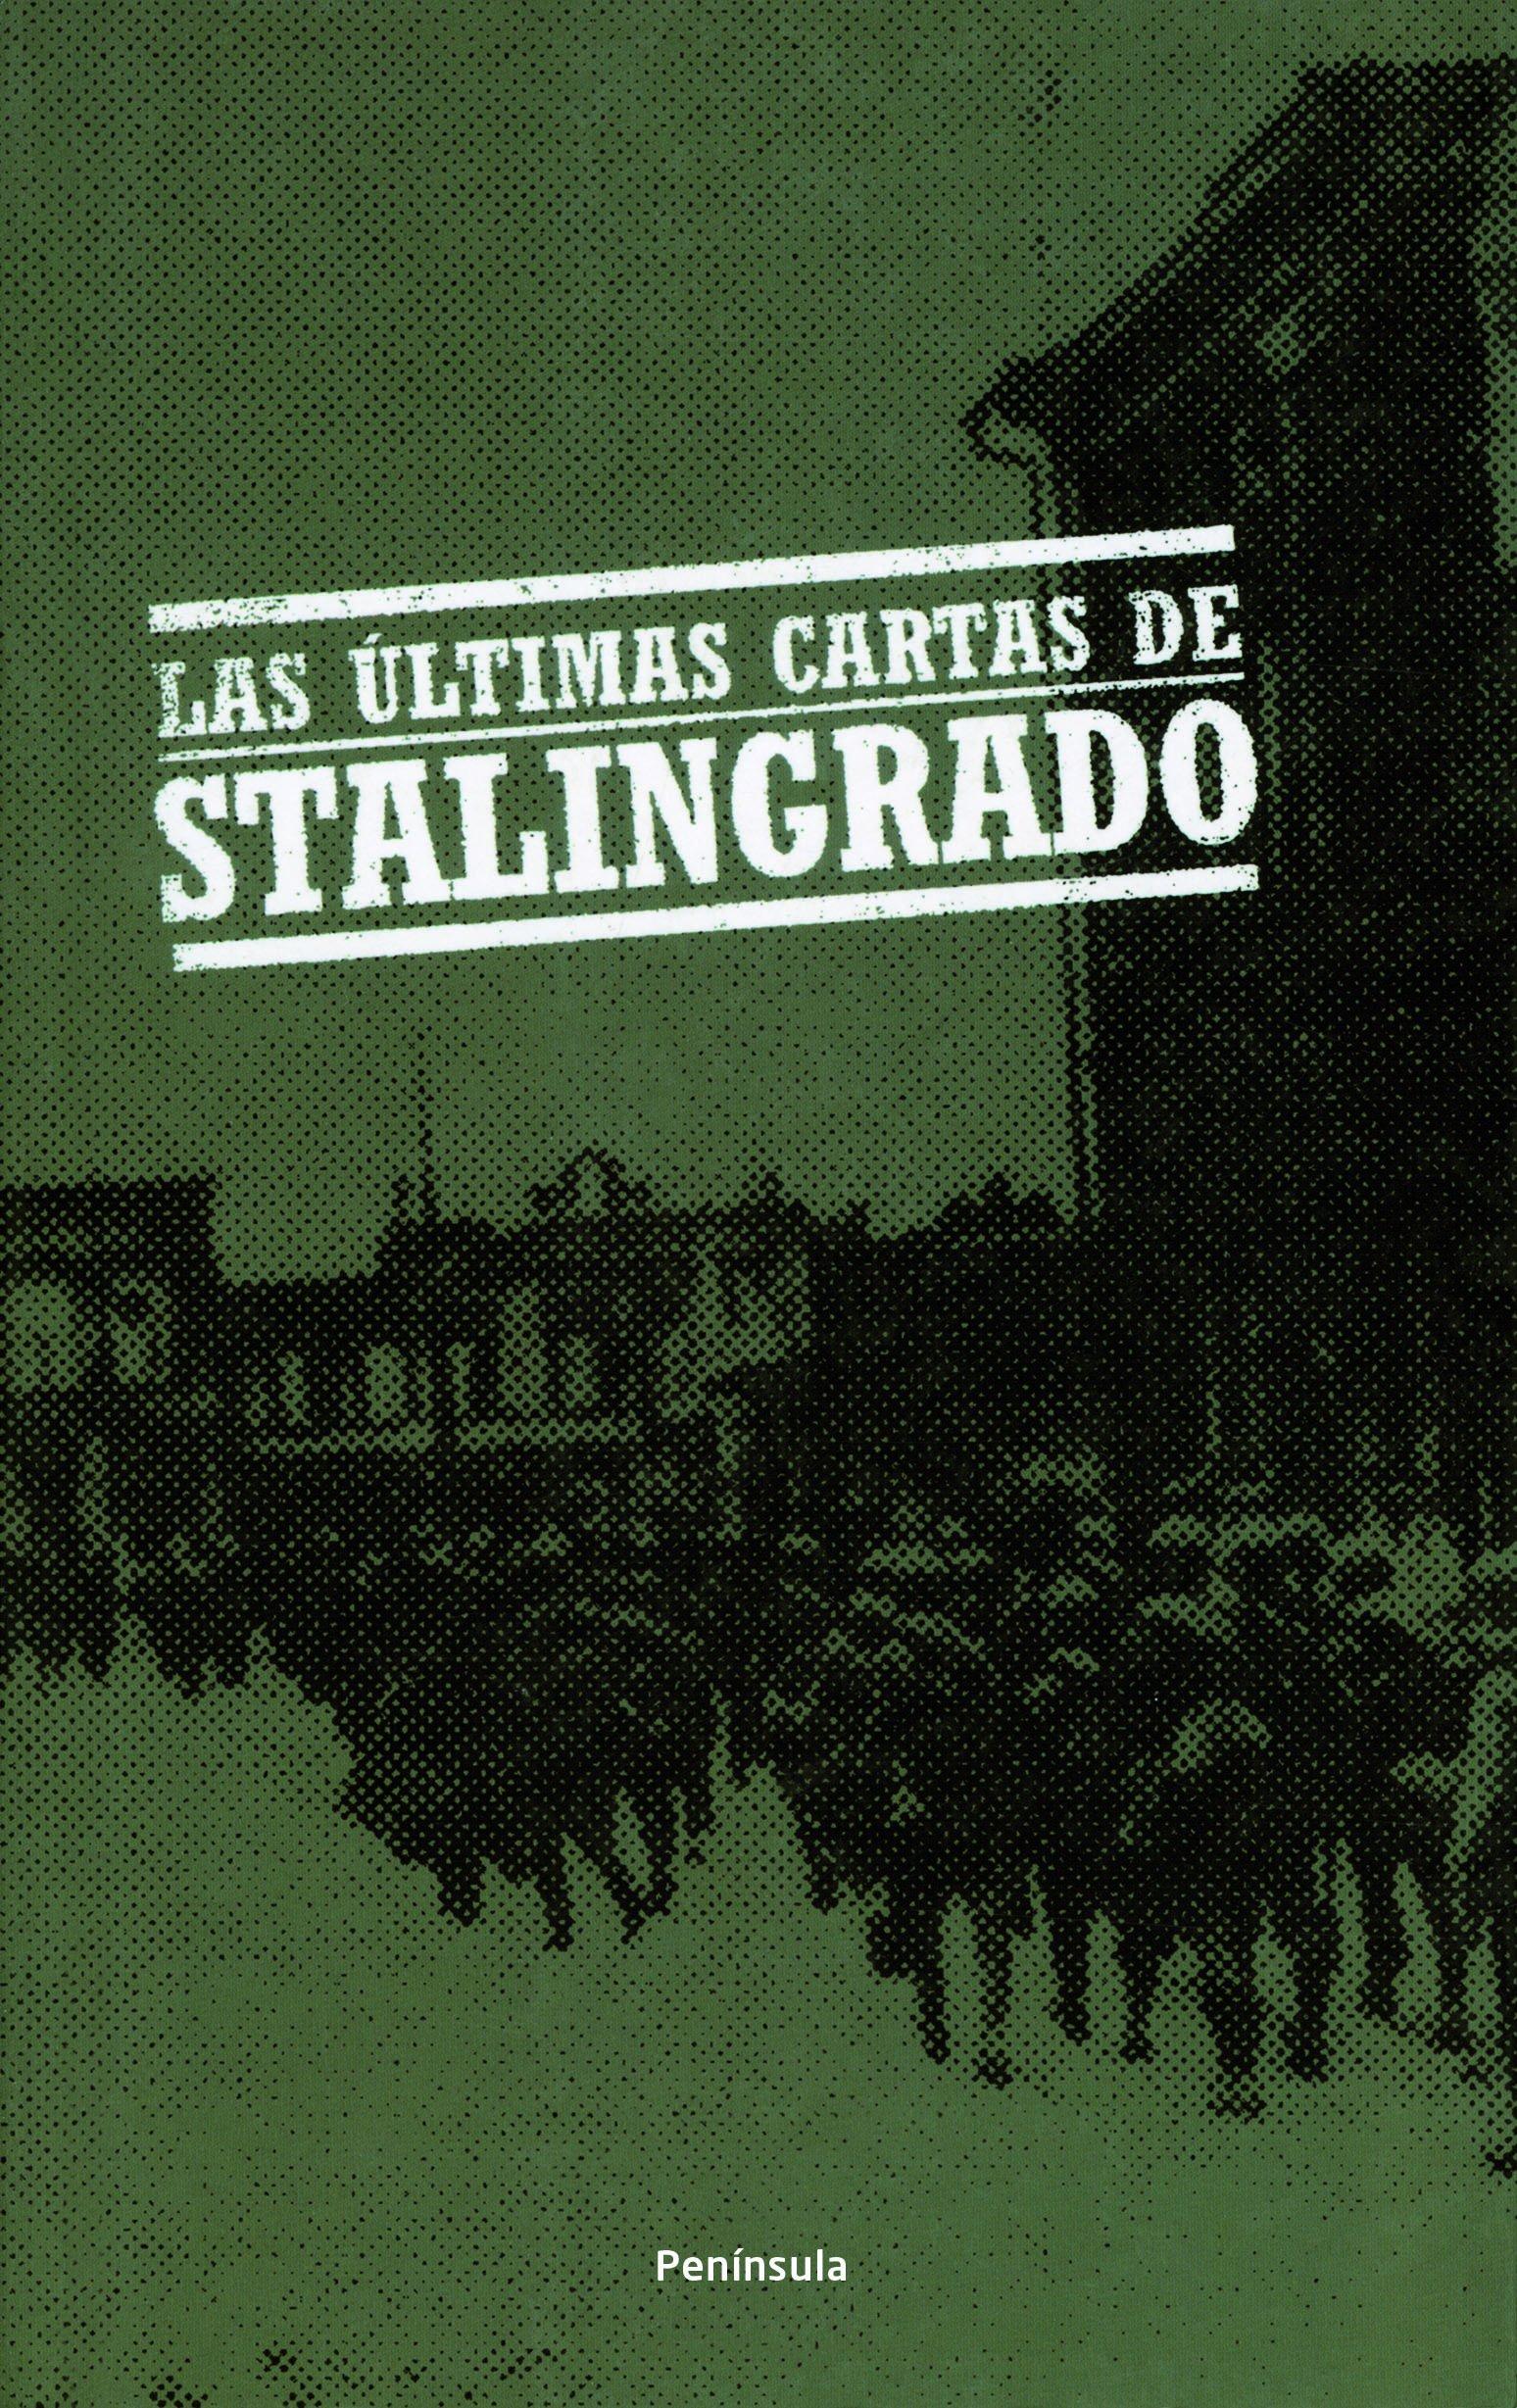 Las últimas cartas de Stalingrado (ATALAYA PEQUEÑO): Amazon ...